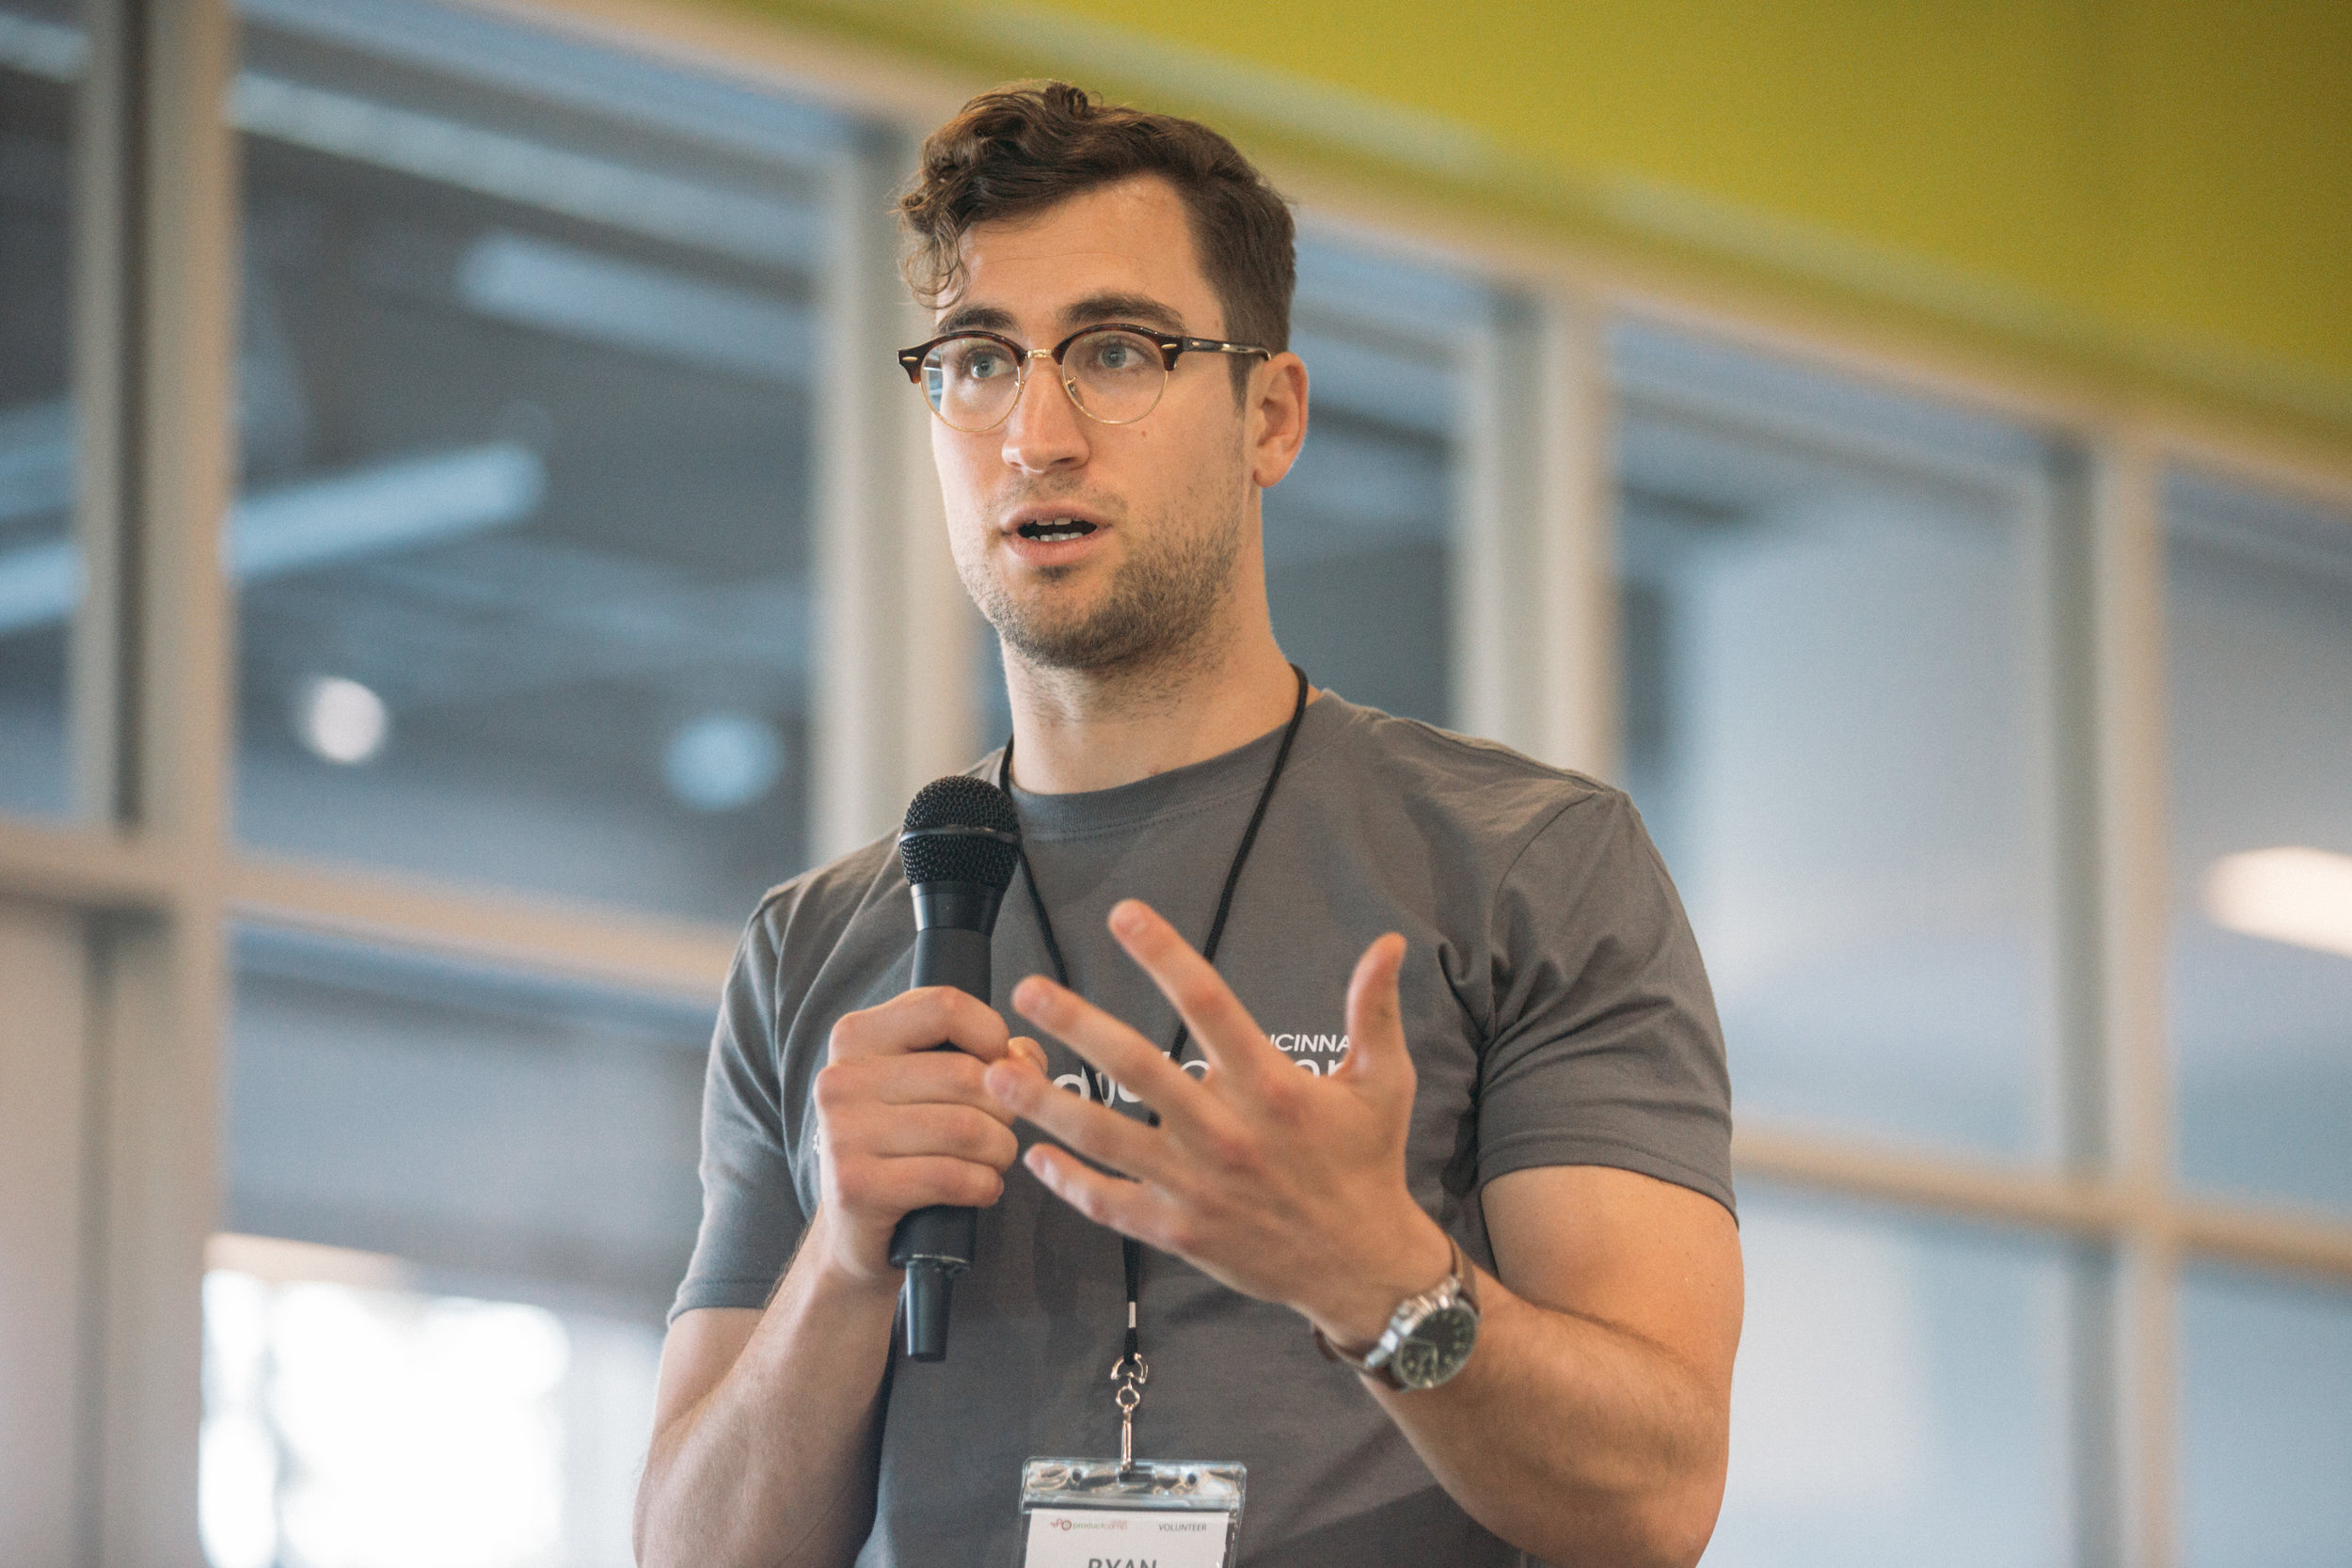 ProductCamp Cincinnati Ryan Willging Speaking 2.JPG